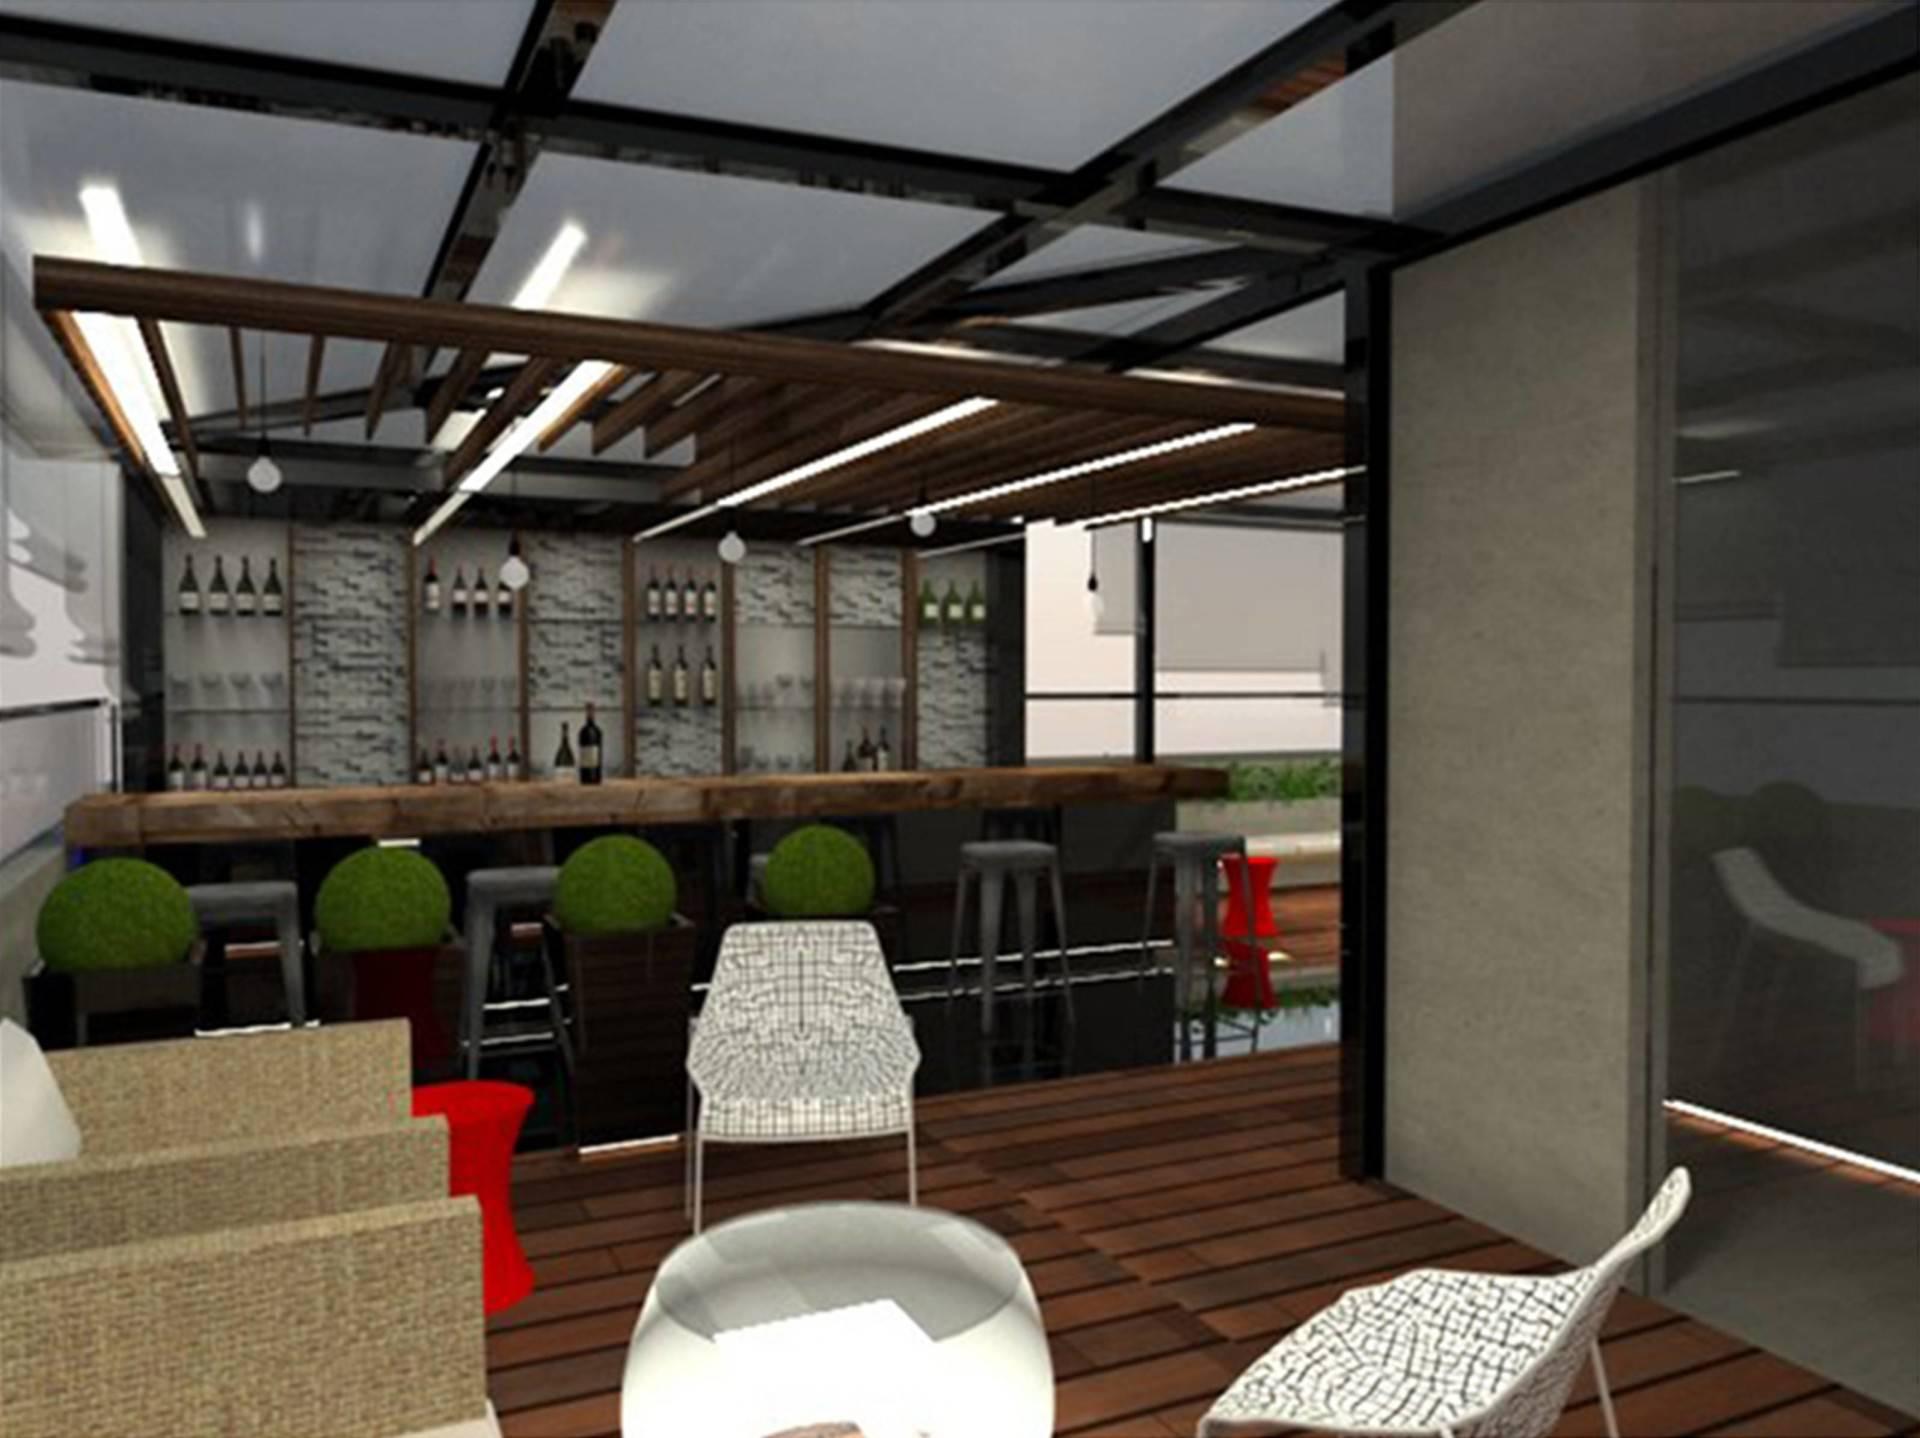 Tms Creative Pt Malaka Utama Office Jl. Cijagra, Buah Batu, Bandung Jl. Cijagra, Buah Batu, Bandung Project-10-Pt-Malaka-Utama-Office11 Modern  2177